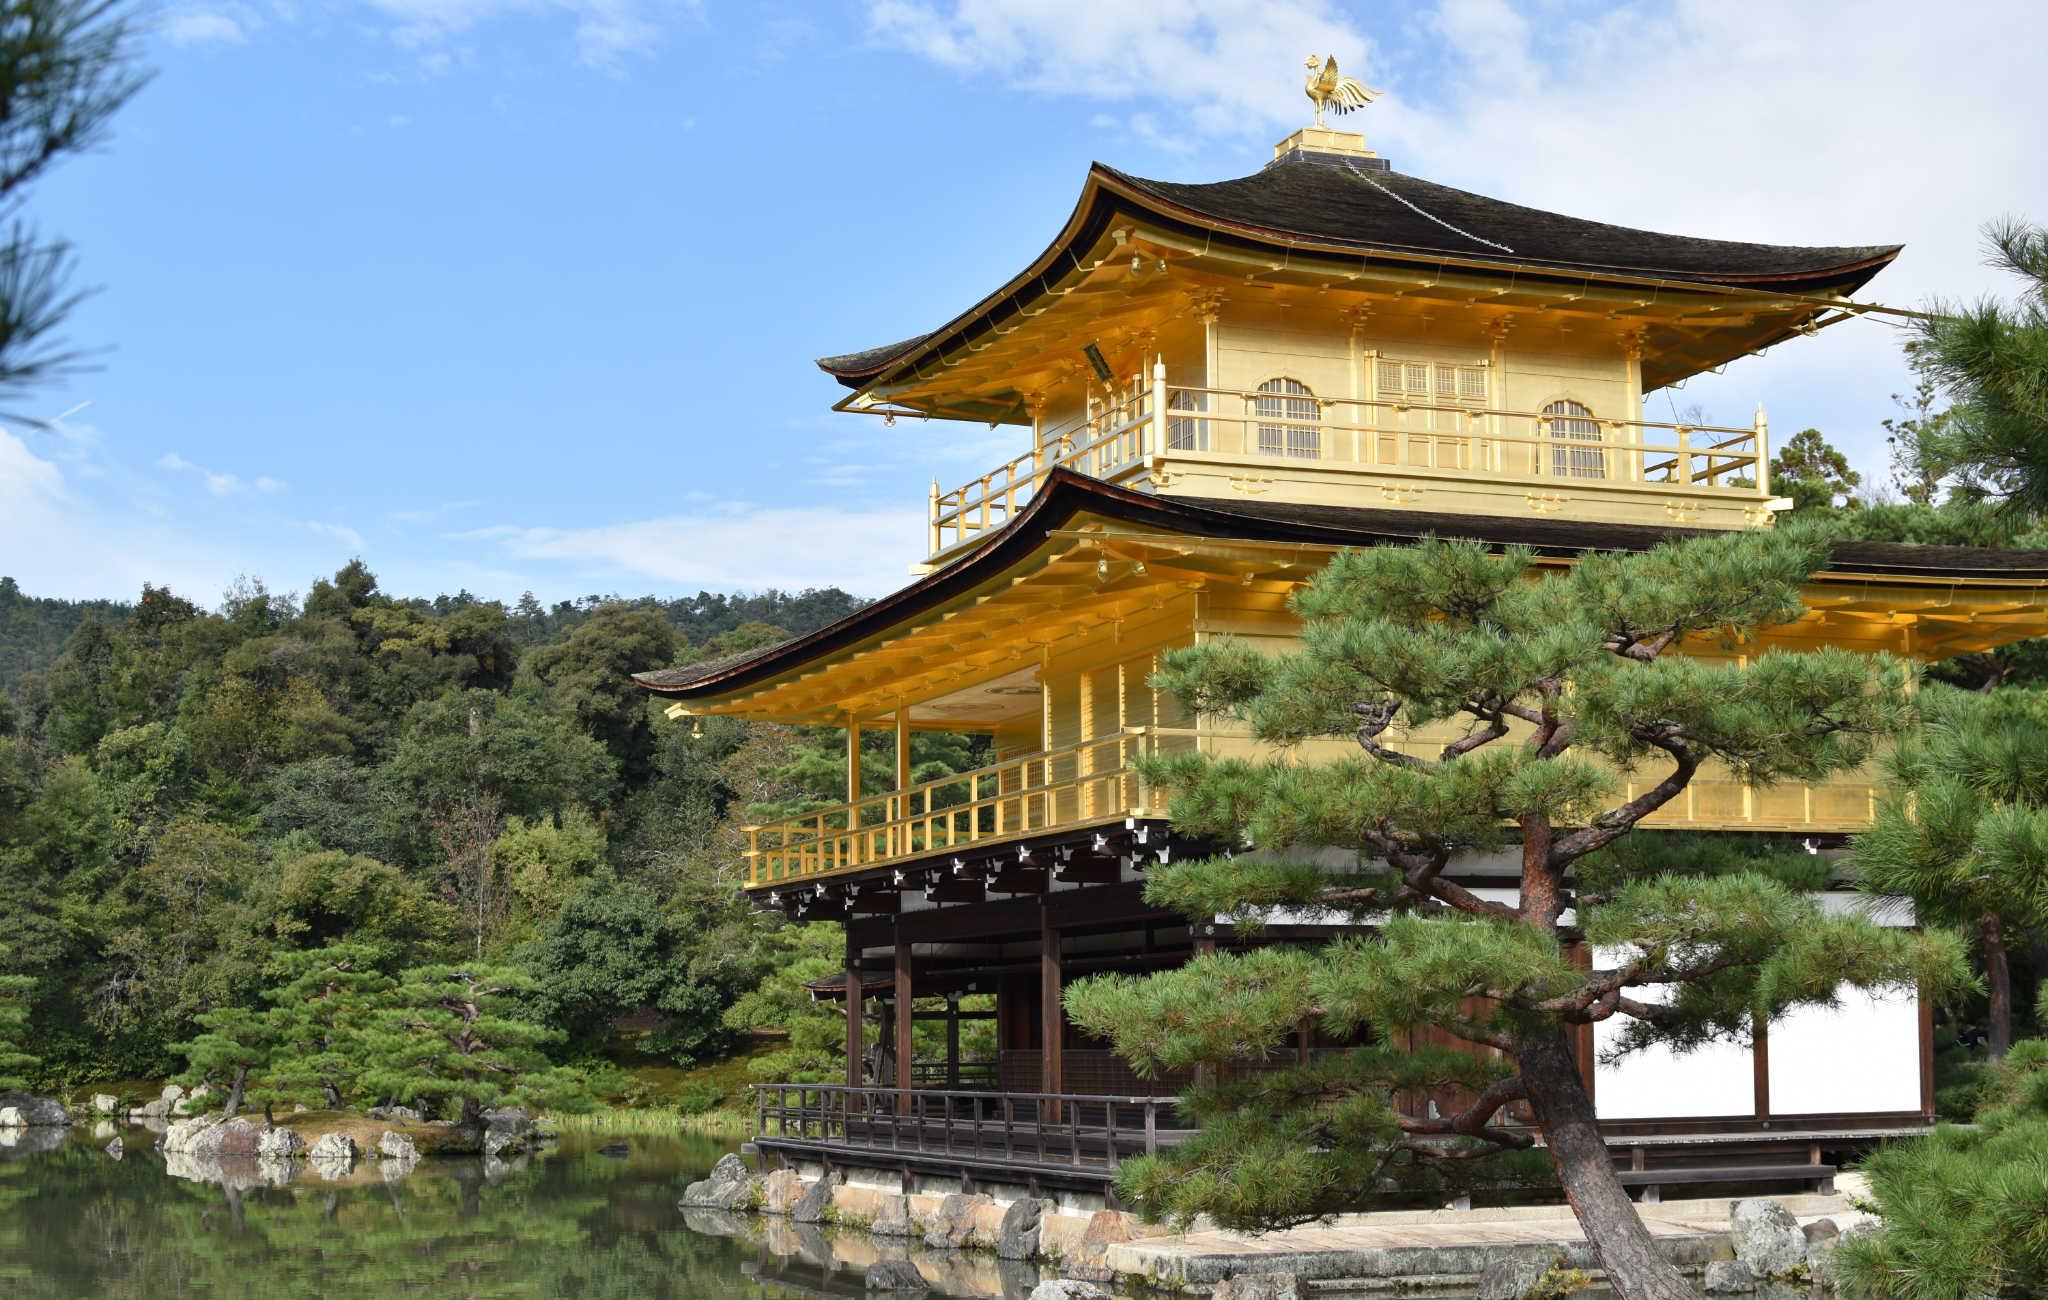 Le temple est entouré de jardins avec des pins taillés en nuage